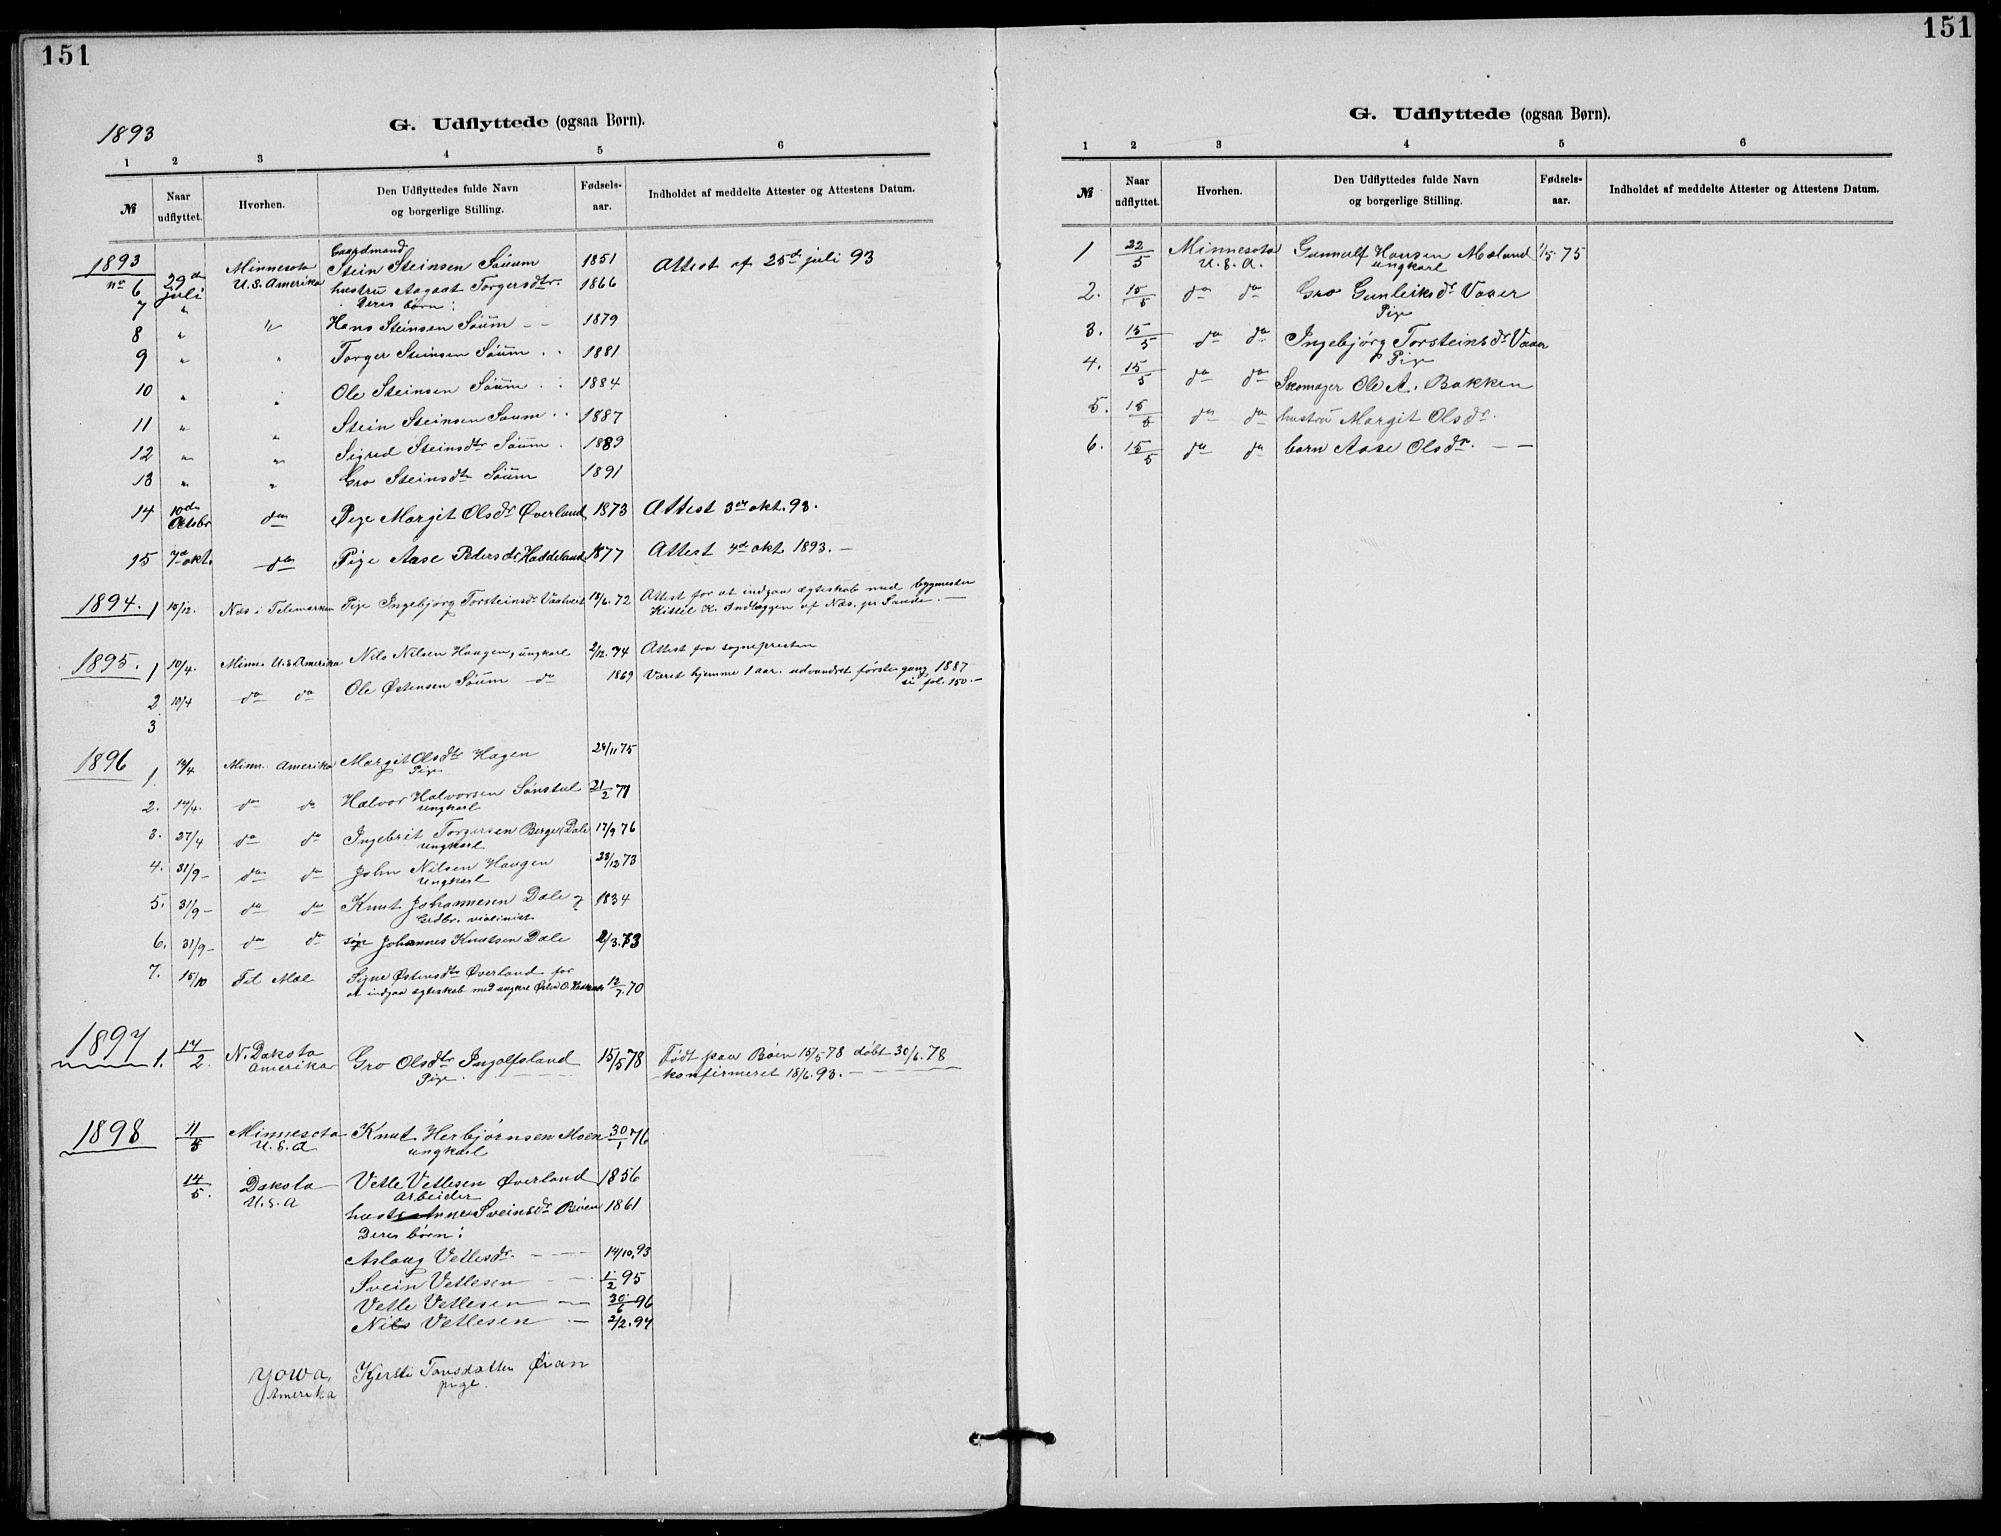 SAKO, Rjukan kirkebøker, G/Ga/L0001: Klokkerbok nr. 1, 1880-1914, s. 151